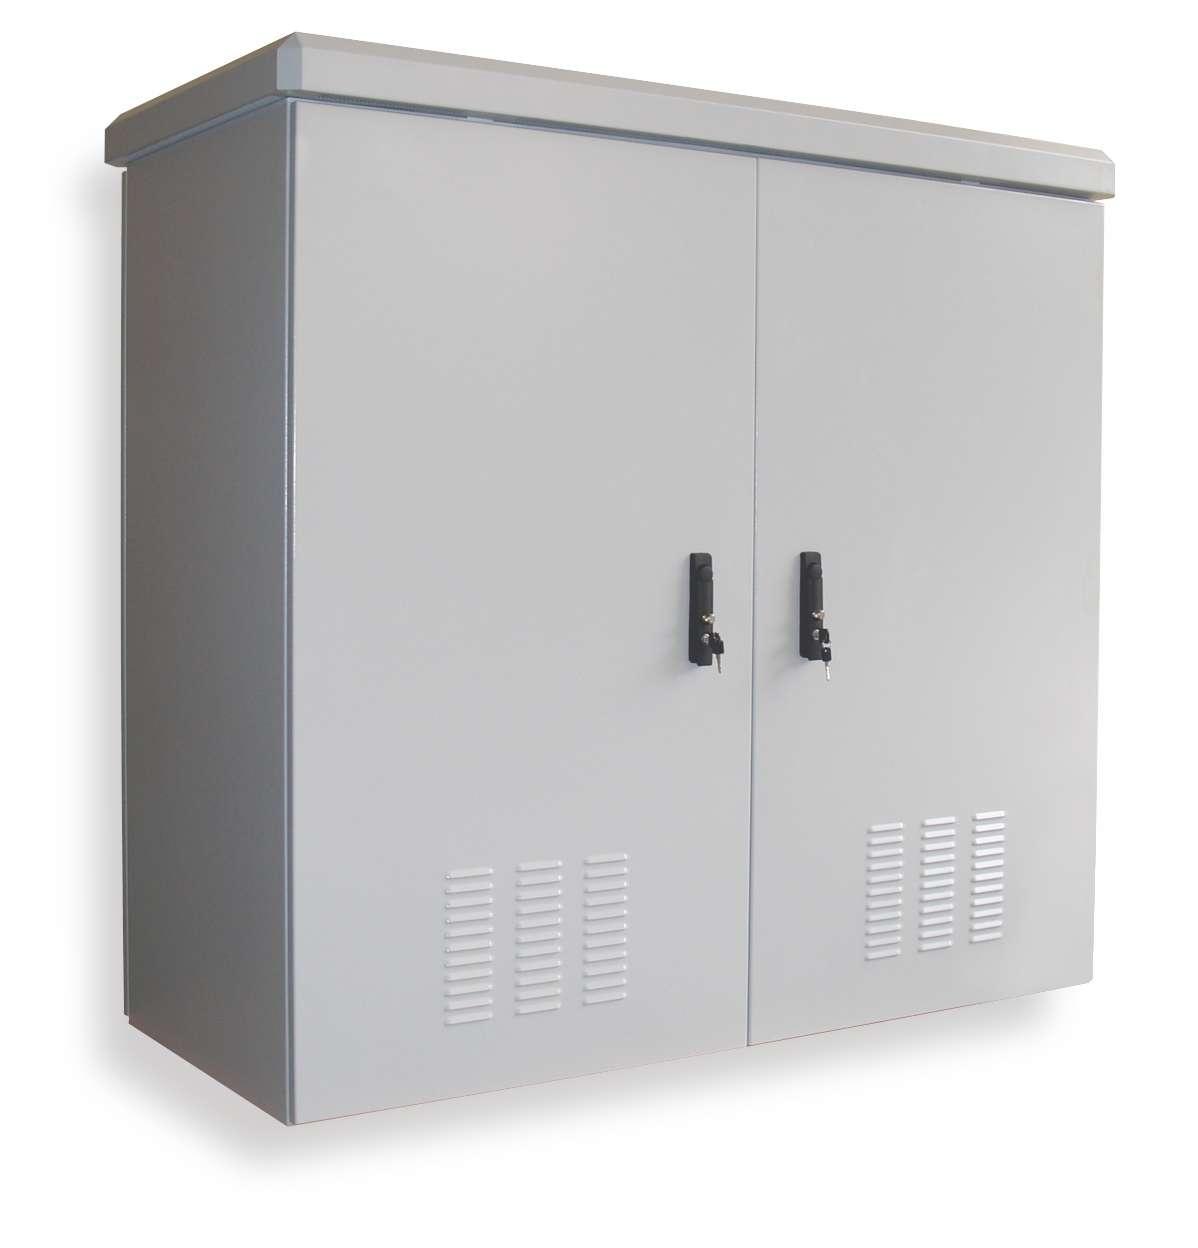 Outdoor electric steel cabinet waterproof outdoor tv - Outdoor electrical enclosures cabinets ...